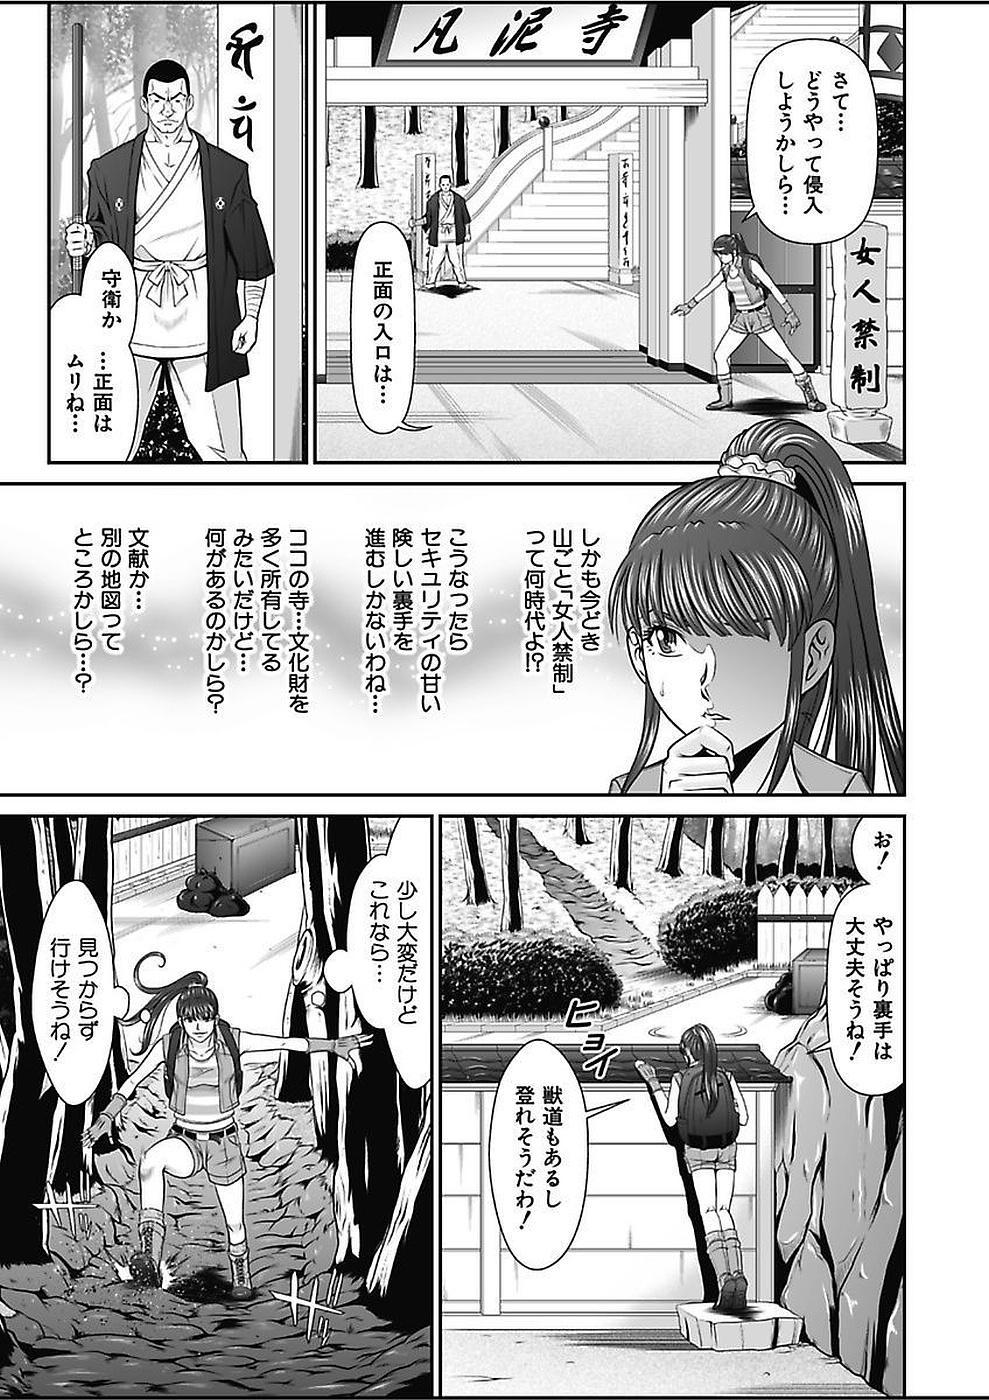 [Kurono Masakado] Dengeki Zecchou! Hihoujima ~Chikyuu no Oku ni Sasowarete~ Joukan 34